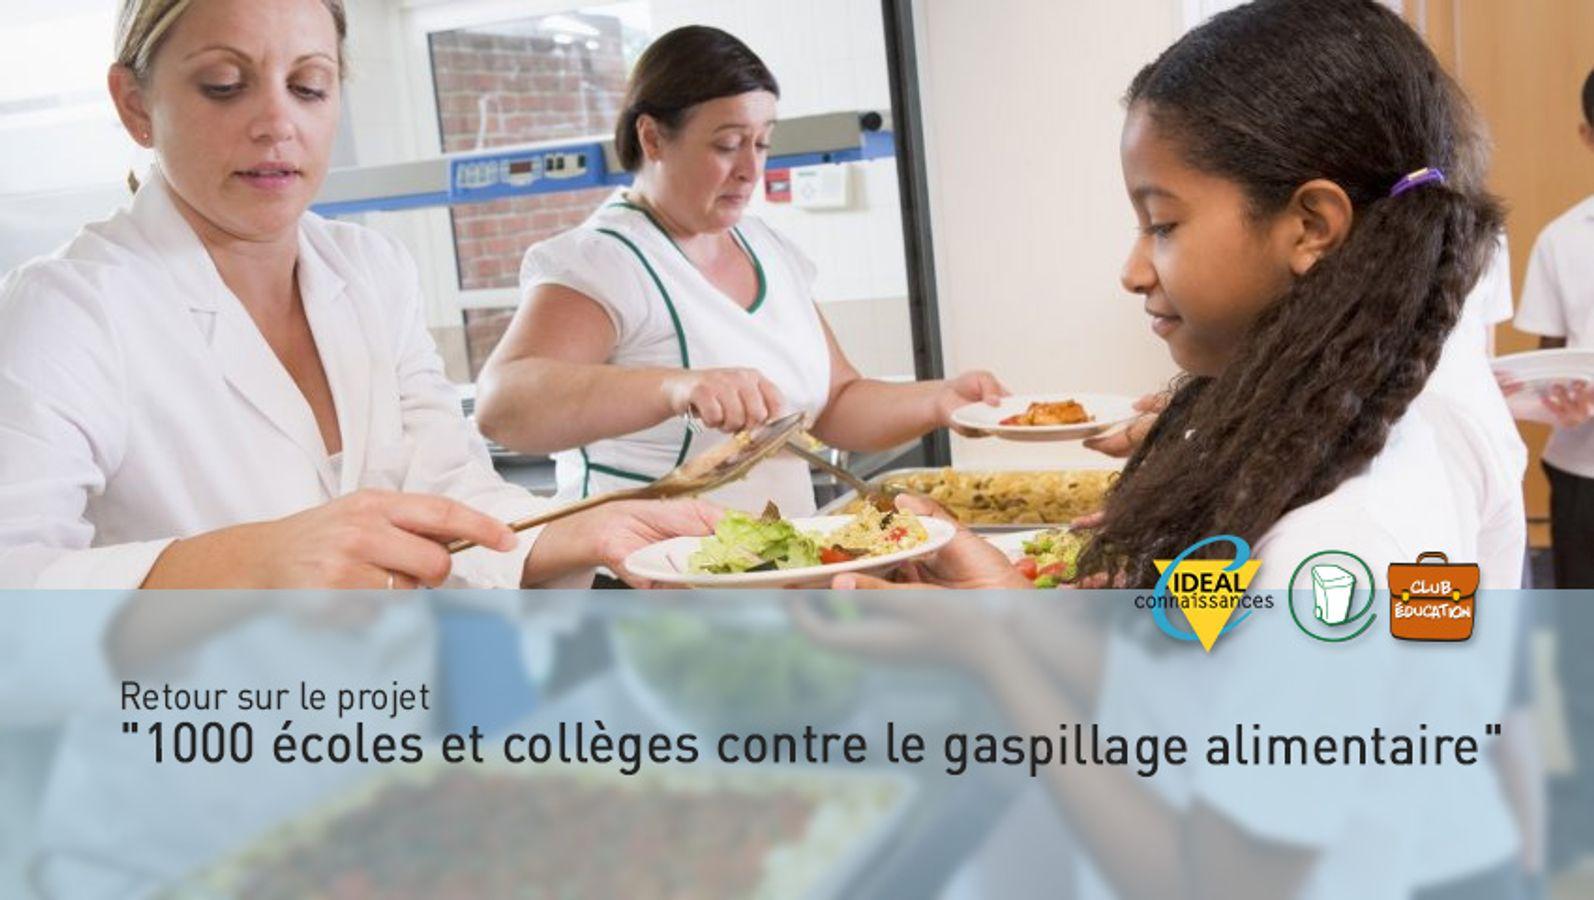 """Retour sur le projet """"1000 écoles et collèges contre le gaspillage alimentaire"""""""